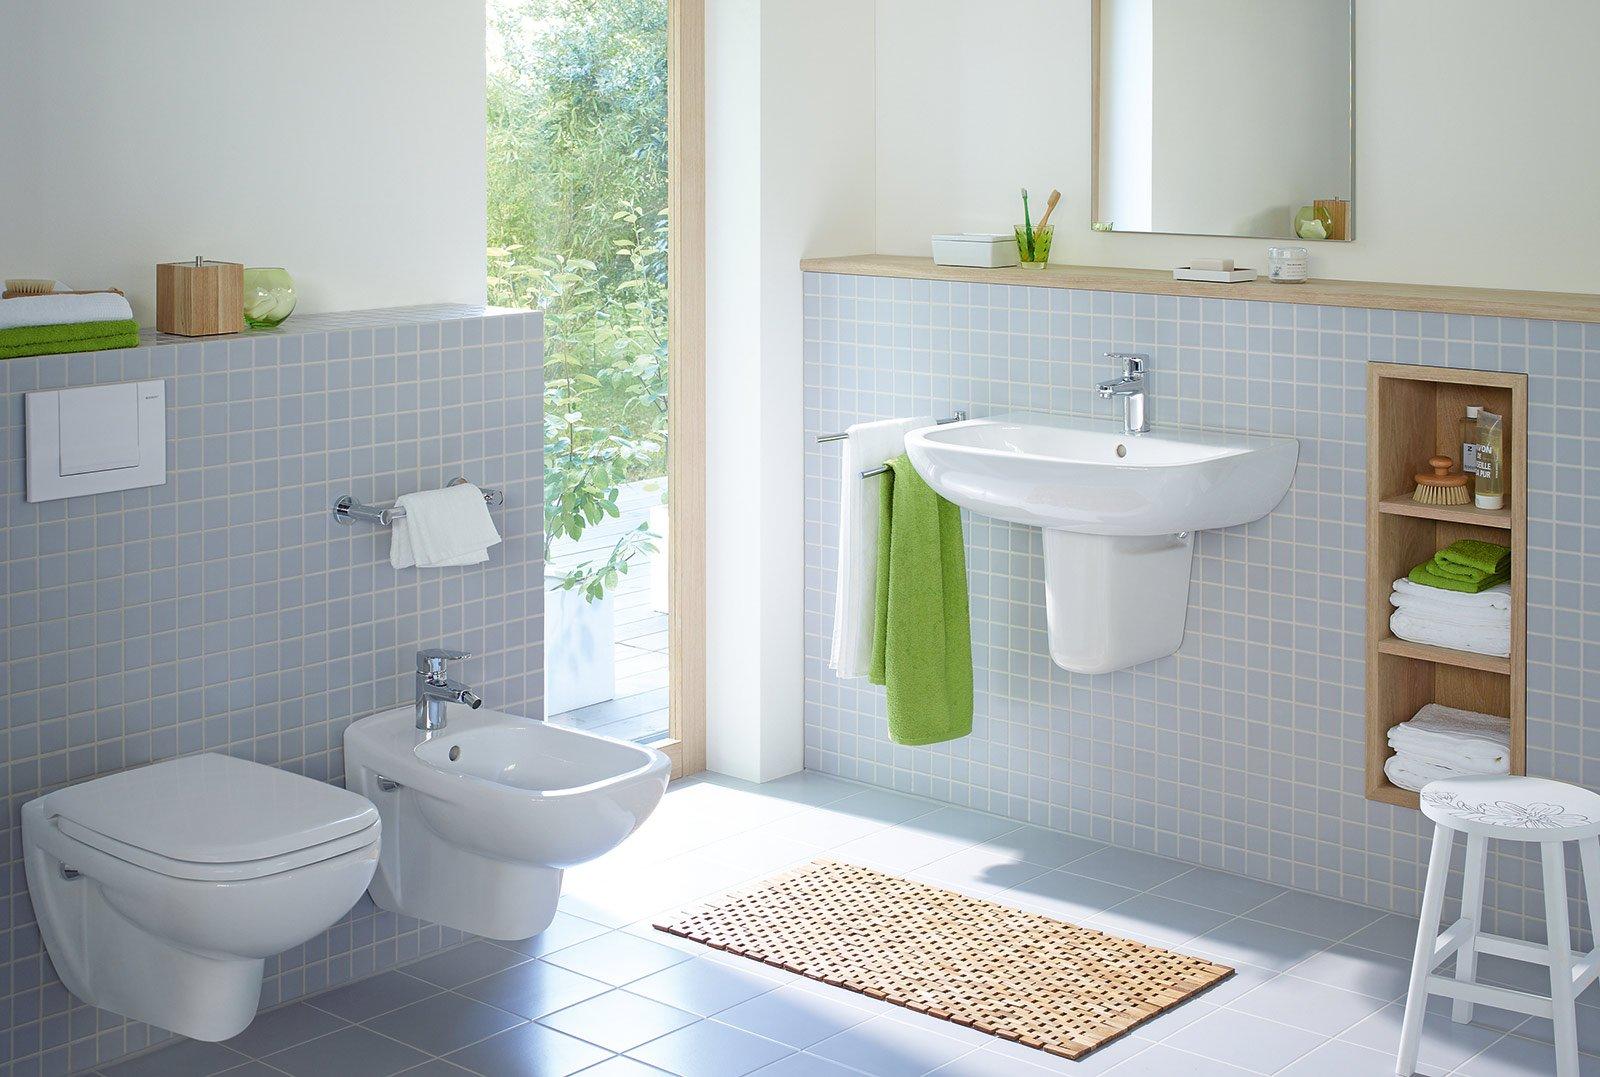 Il bagno cambia look dal lavabo all 39 arredo cose di casa - Quanto costano i sanitari del bagno ...